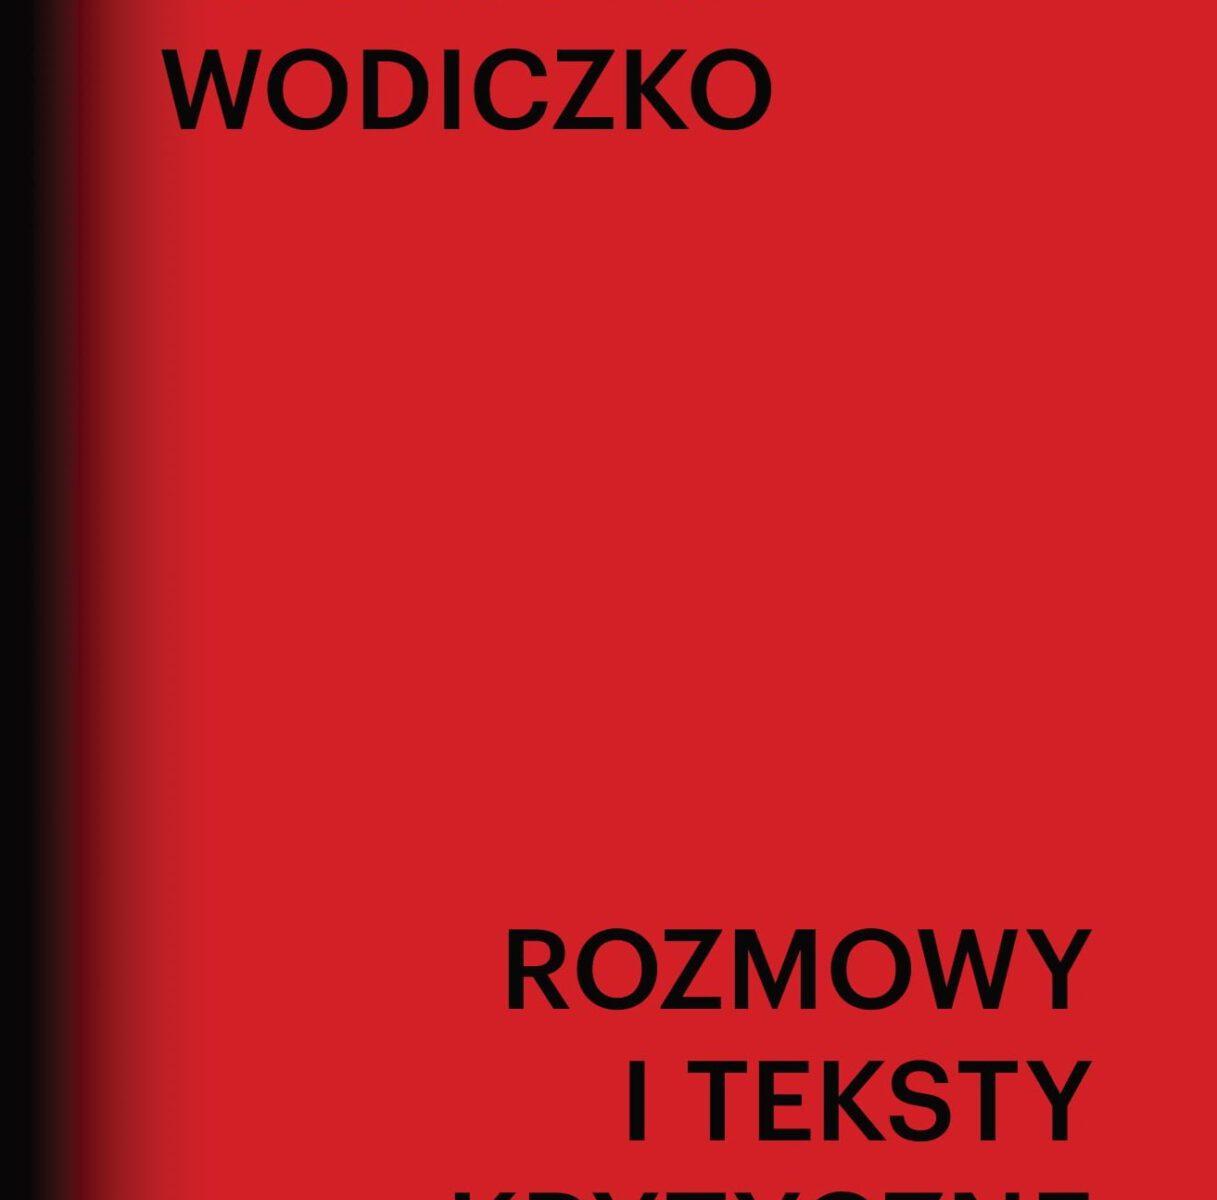 Rozmowy i teksty krytyczne - Rozmowy i teksty krytyczneKrzysztof Wodiczko